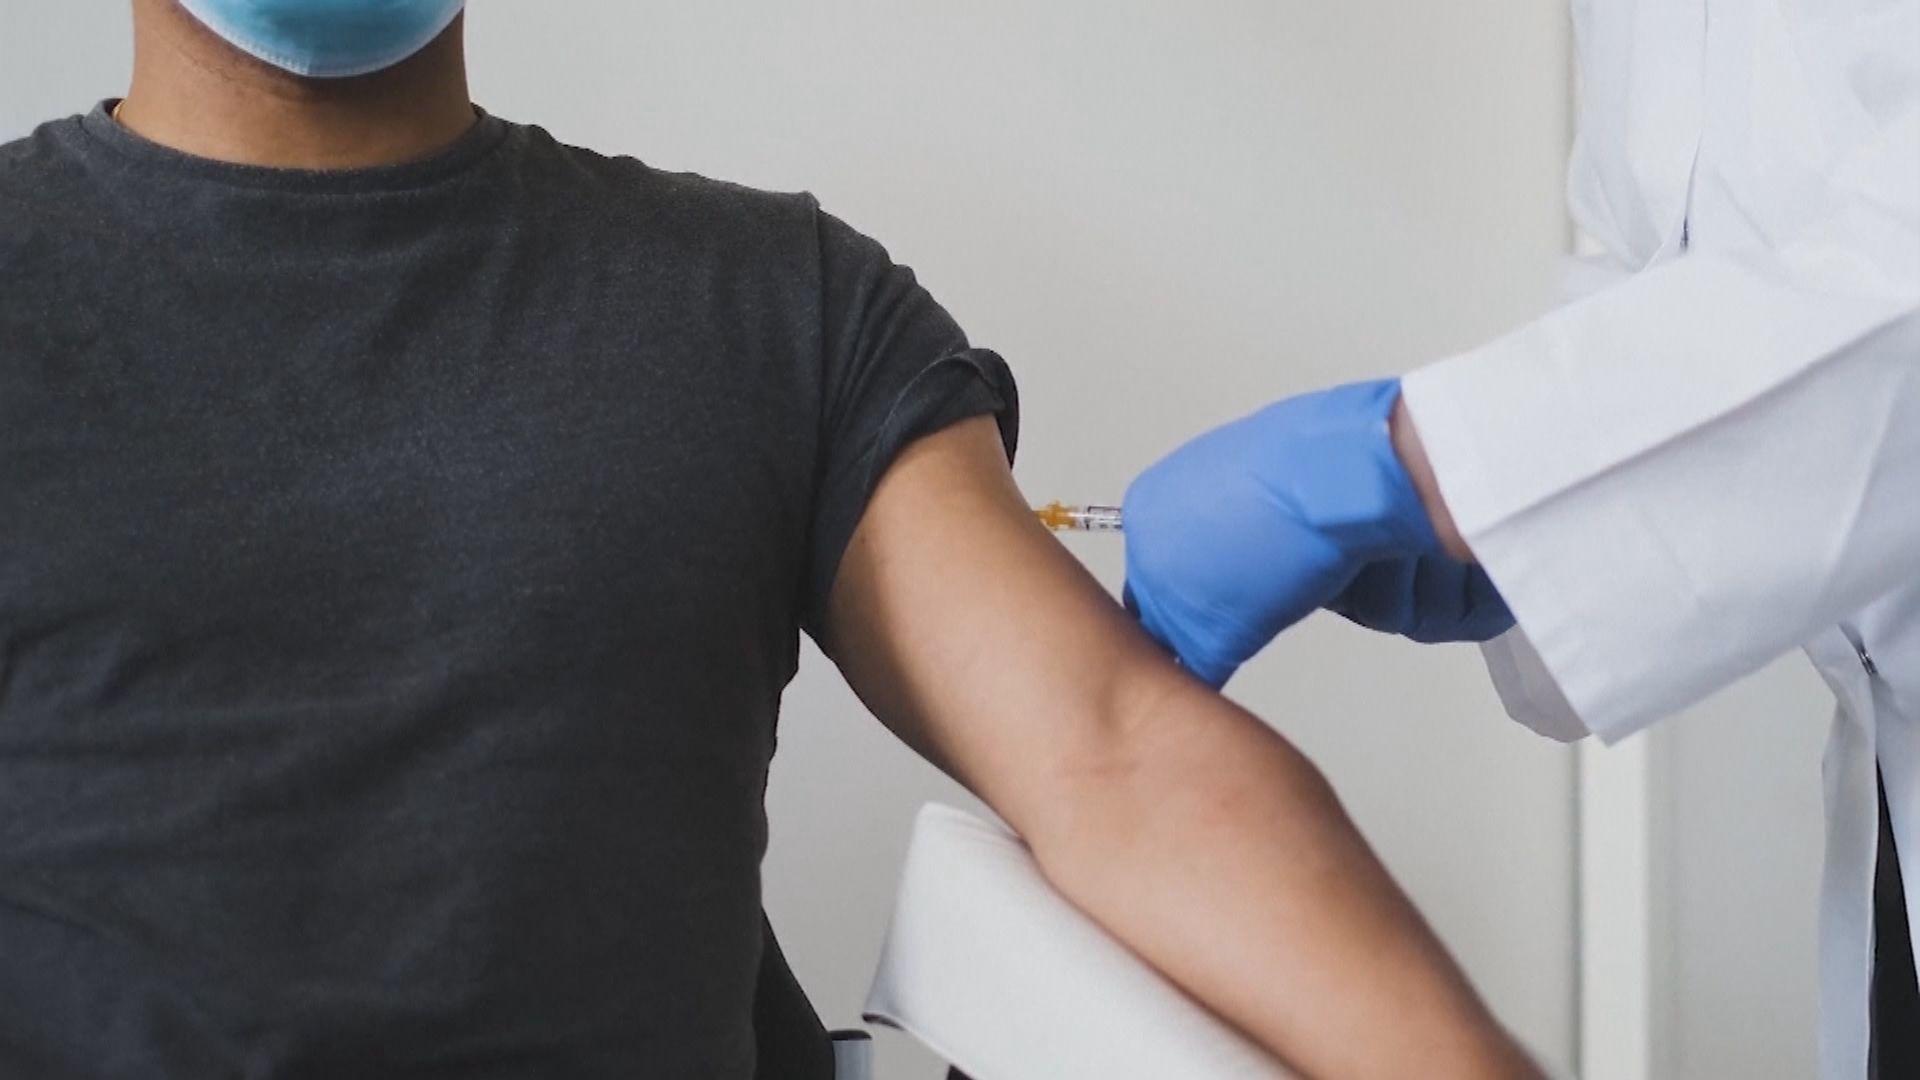 輝瑞藥廠向美國申請緊急使用新冠疫苗